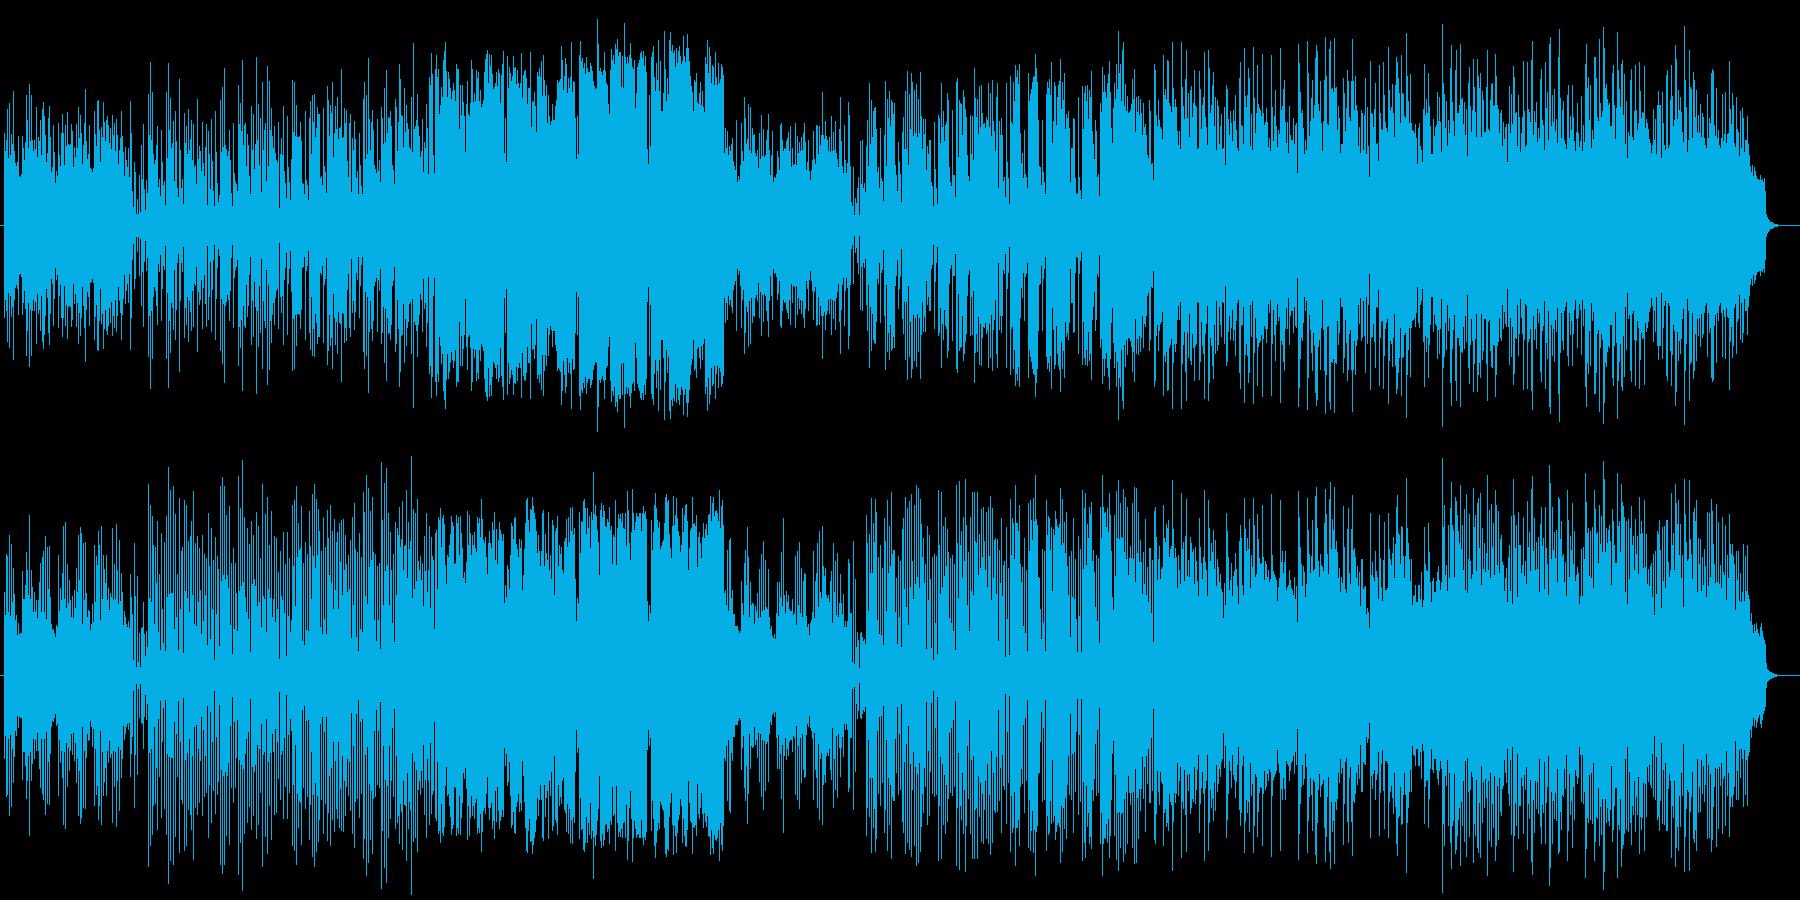 少し暗めで不安定な気持ちのミュージックの再生済みの波形